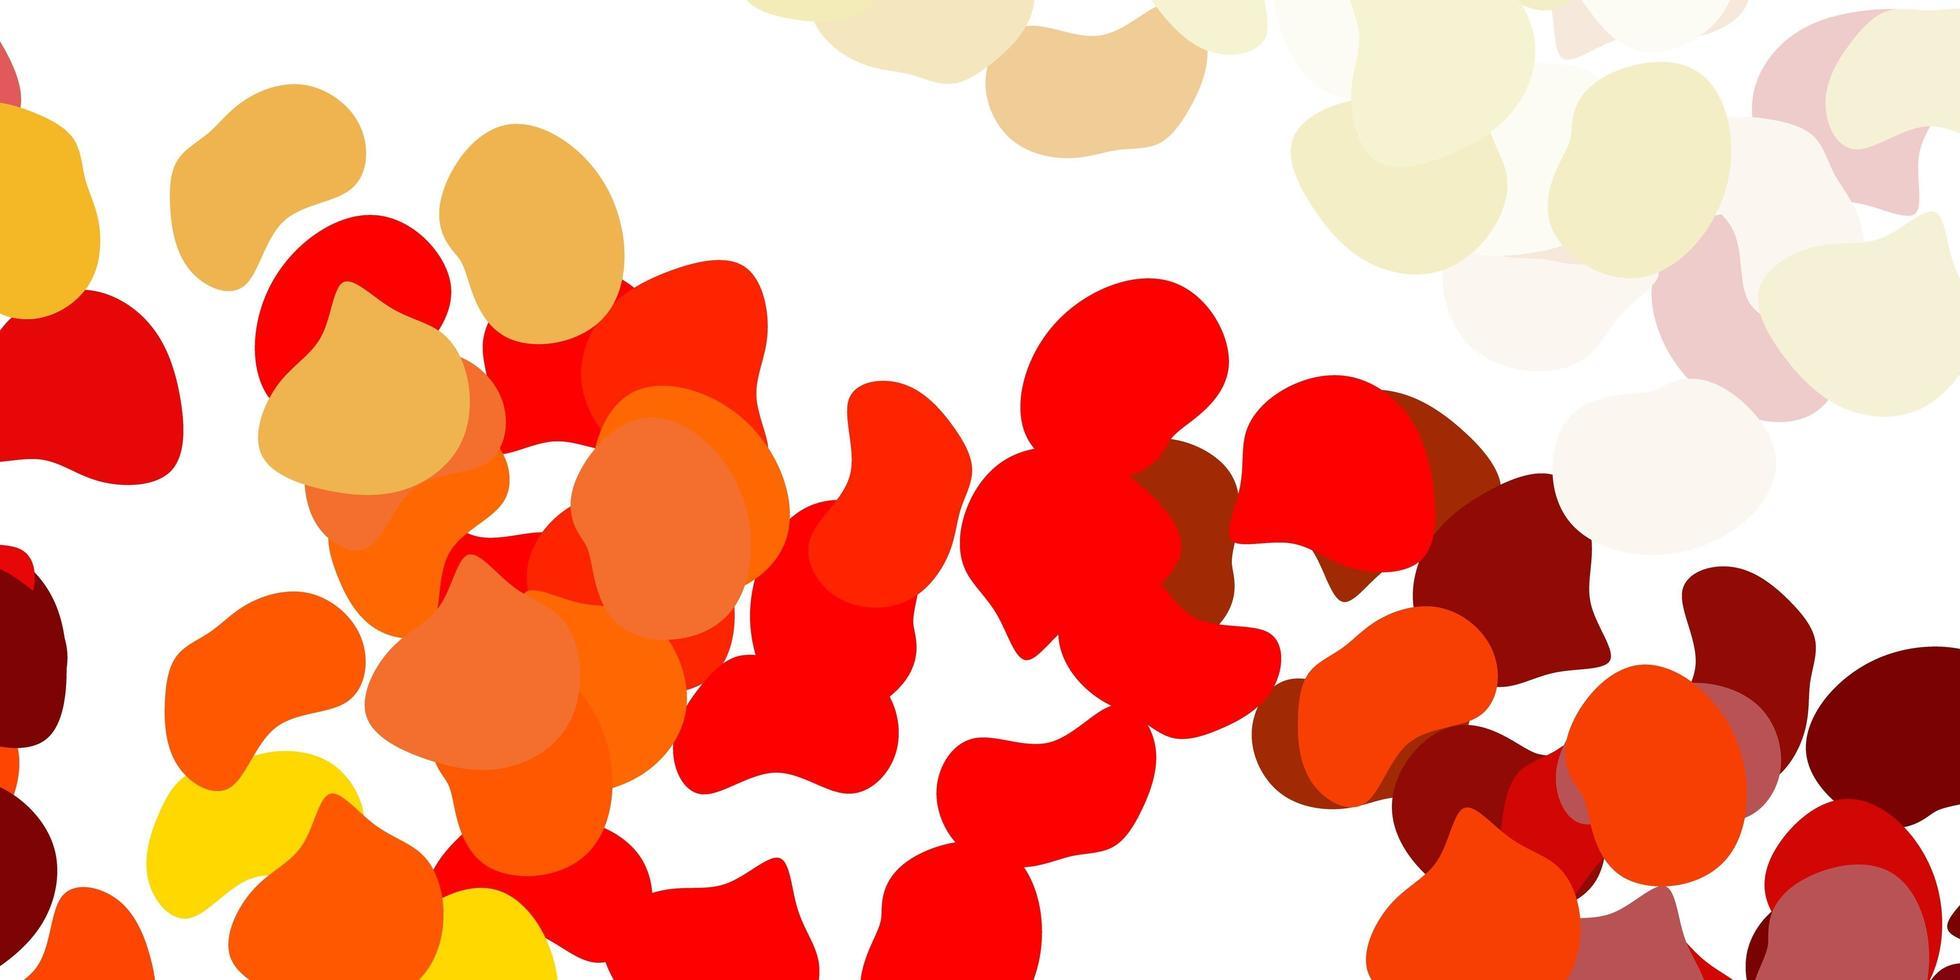 plantilla de vector naranja claro con formas abstractas.